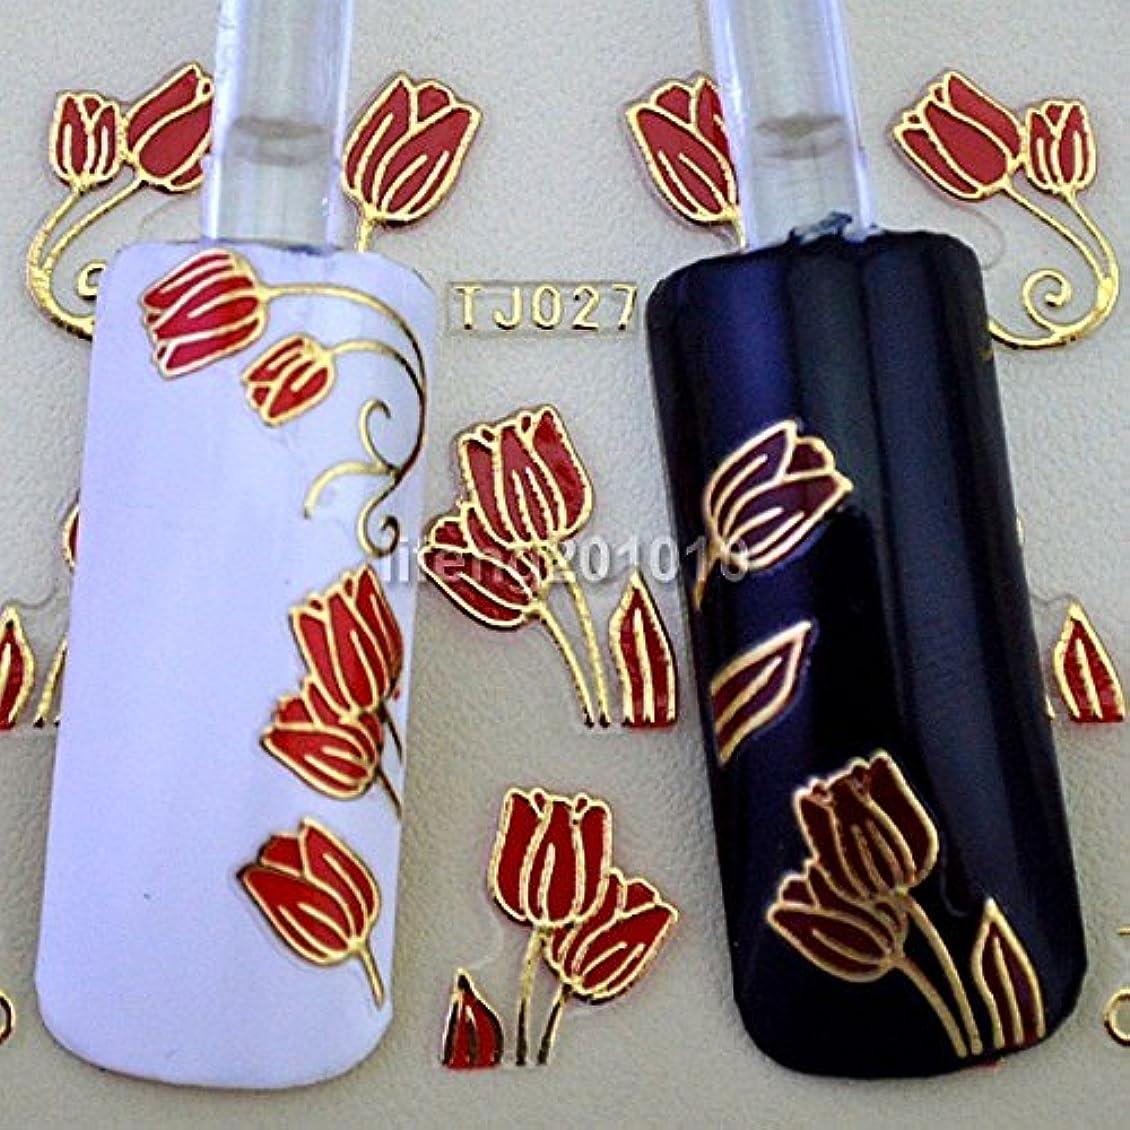 プラカードコーナーエキスパートIthern(TM)6PCS赤いチューリップの花3Dネイルステッカーデカールネイルアートの装飾スタイリングツールホットスタンプゴールドデザインTJ027